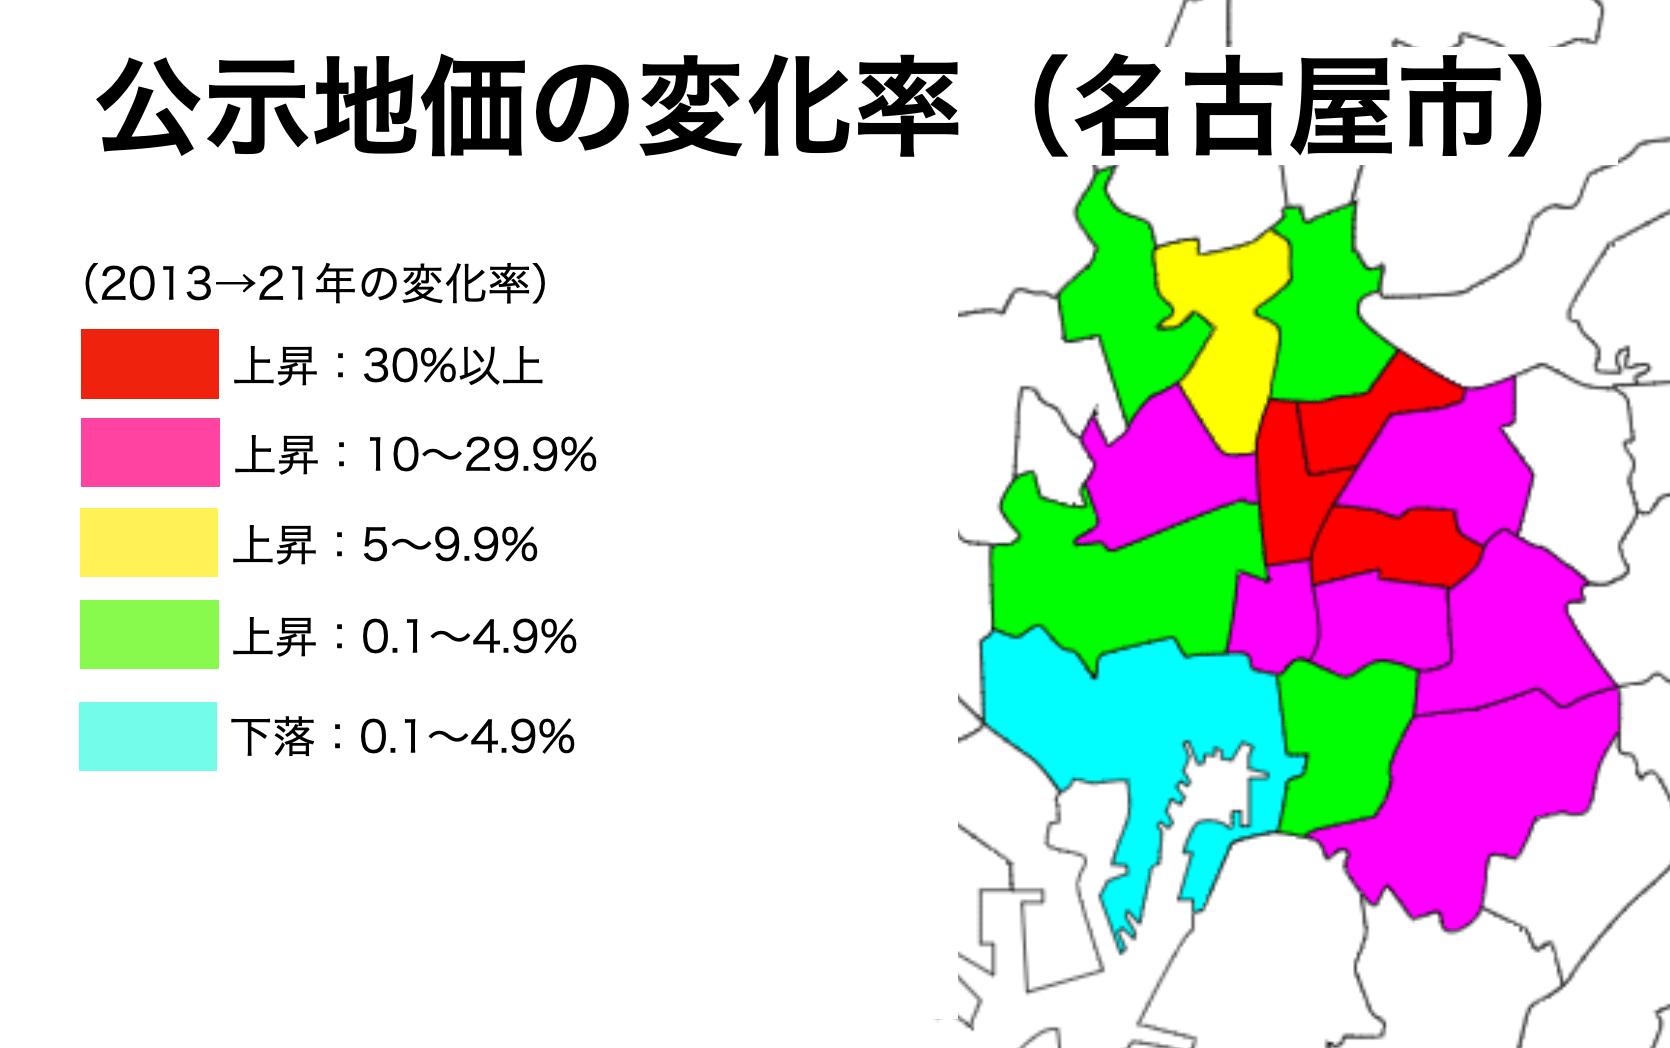 名古屋市の公示地価の2013年比変化率